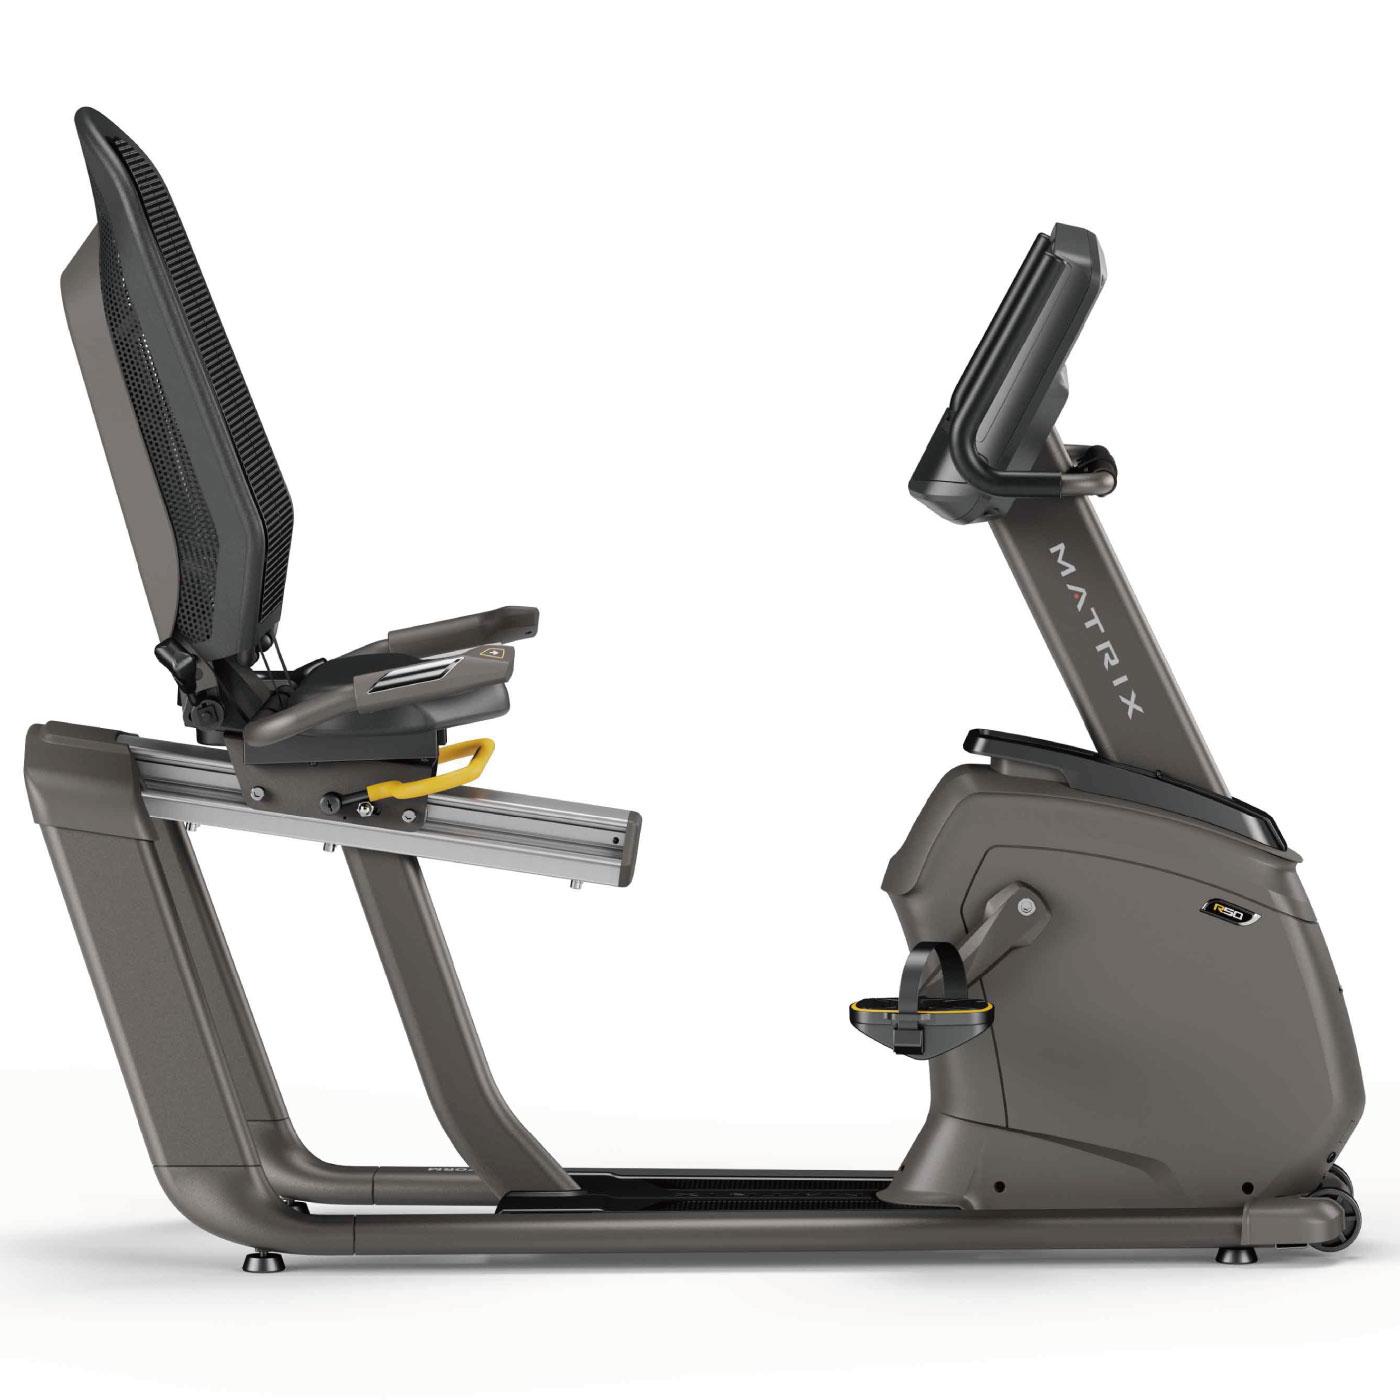 R50-XR-V2/家庭用リカンベントバイク〈家庭用MATRIX〉《ジョンソンヘルステック》